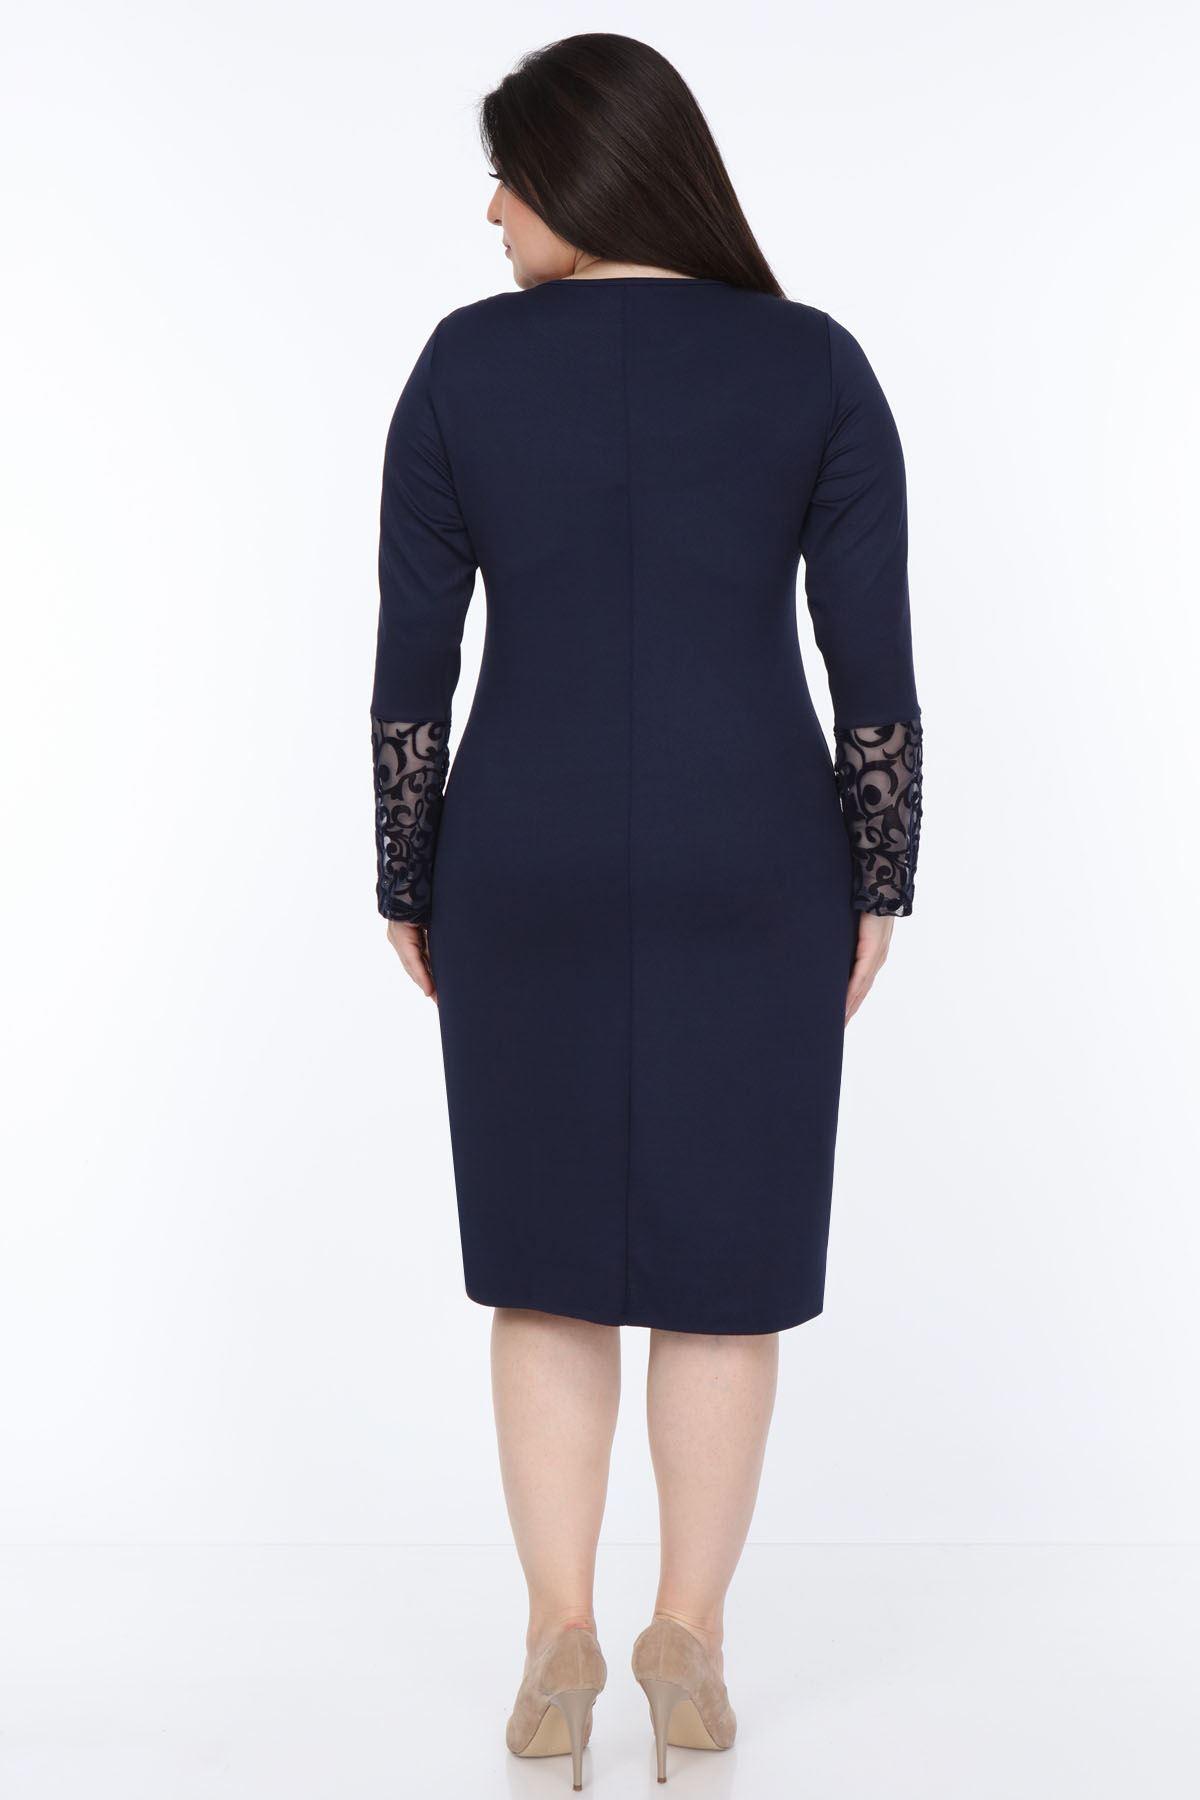 Lacivert İspanyol Kol Büyük Beden Elbise 30Y-1051